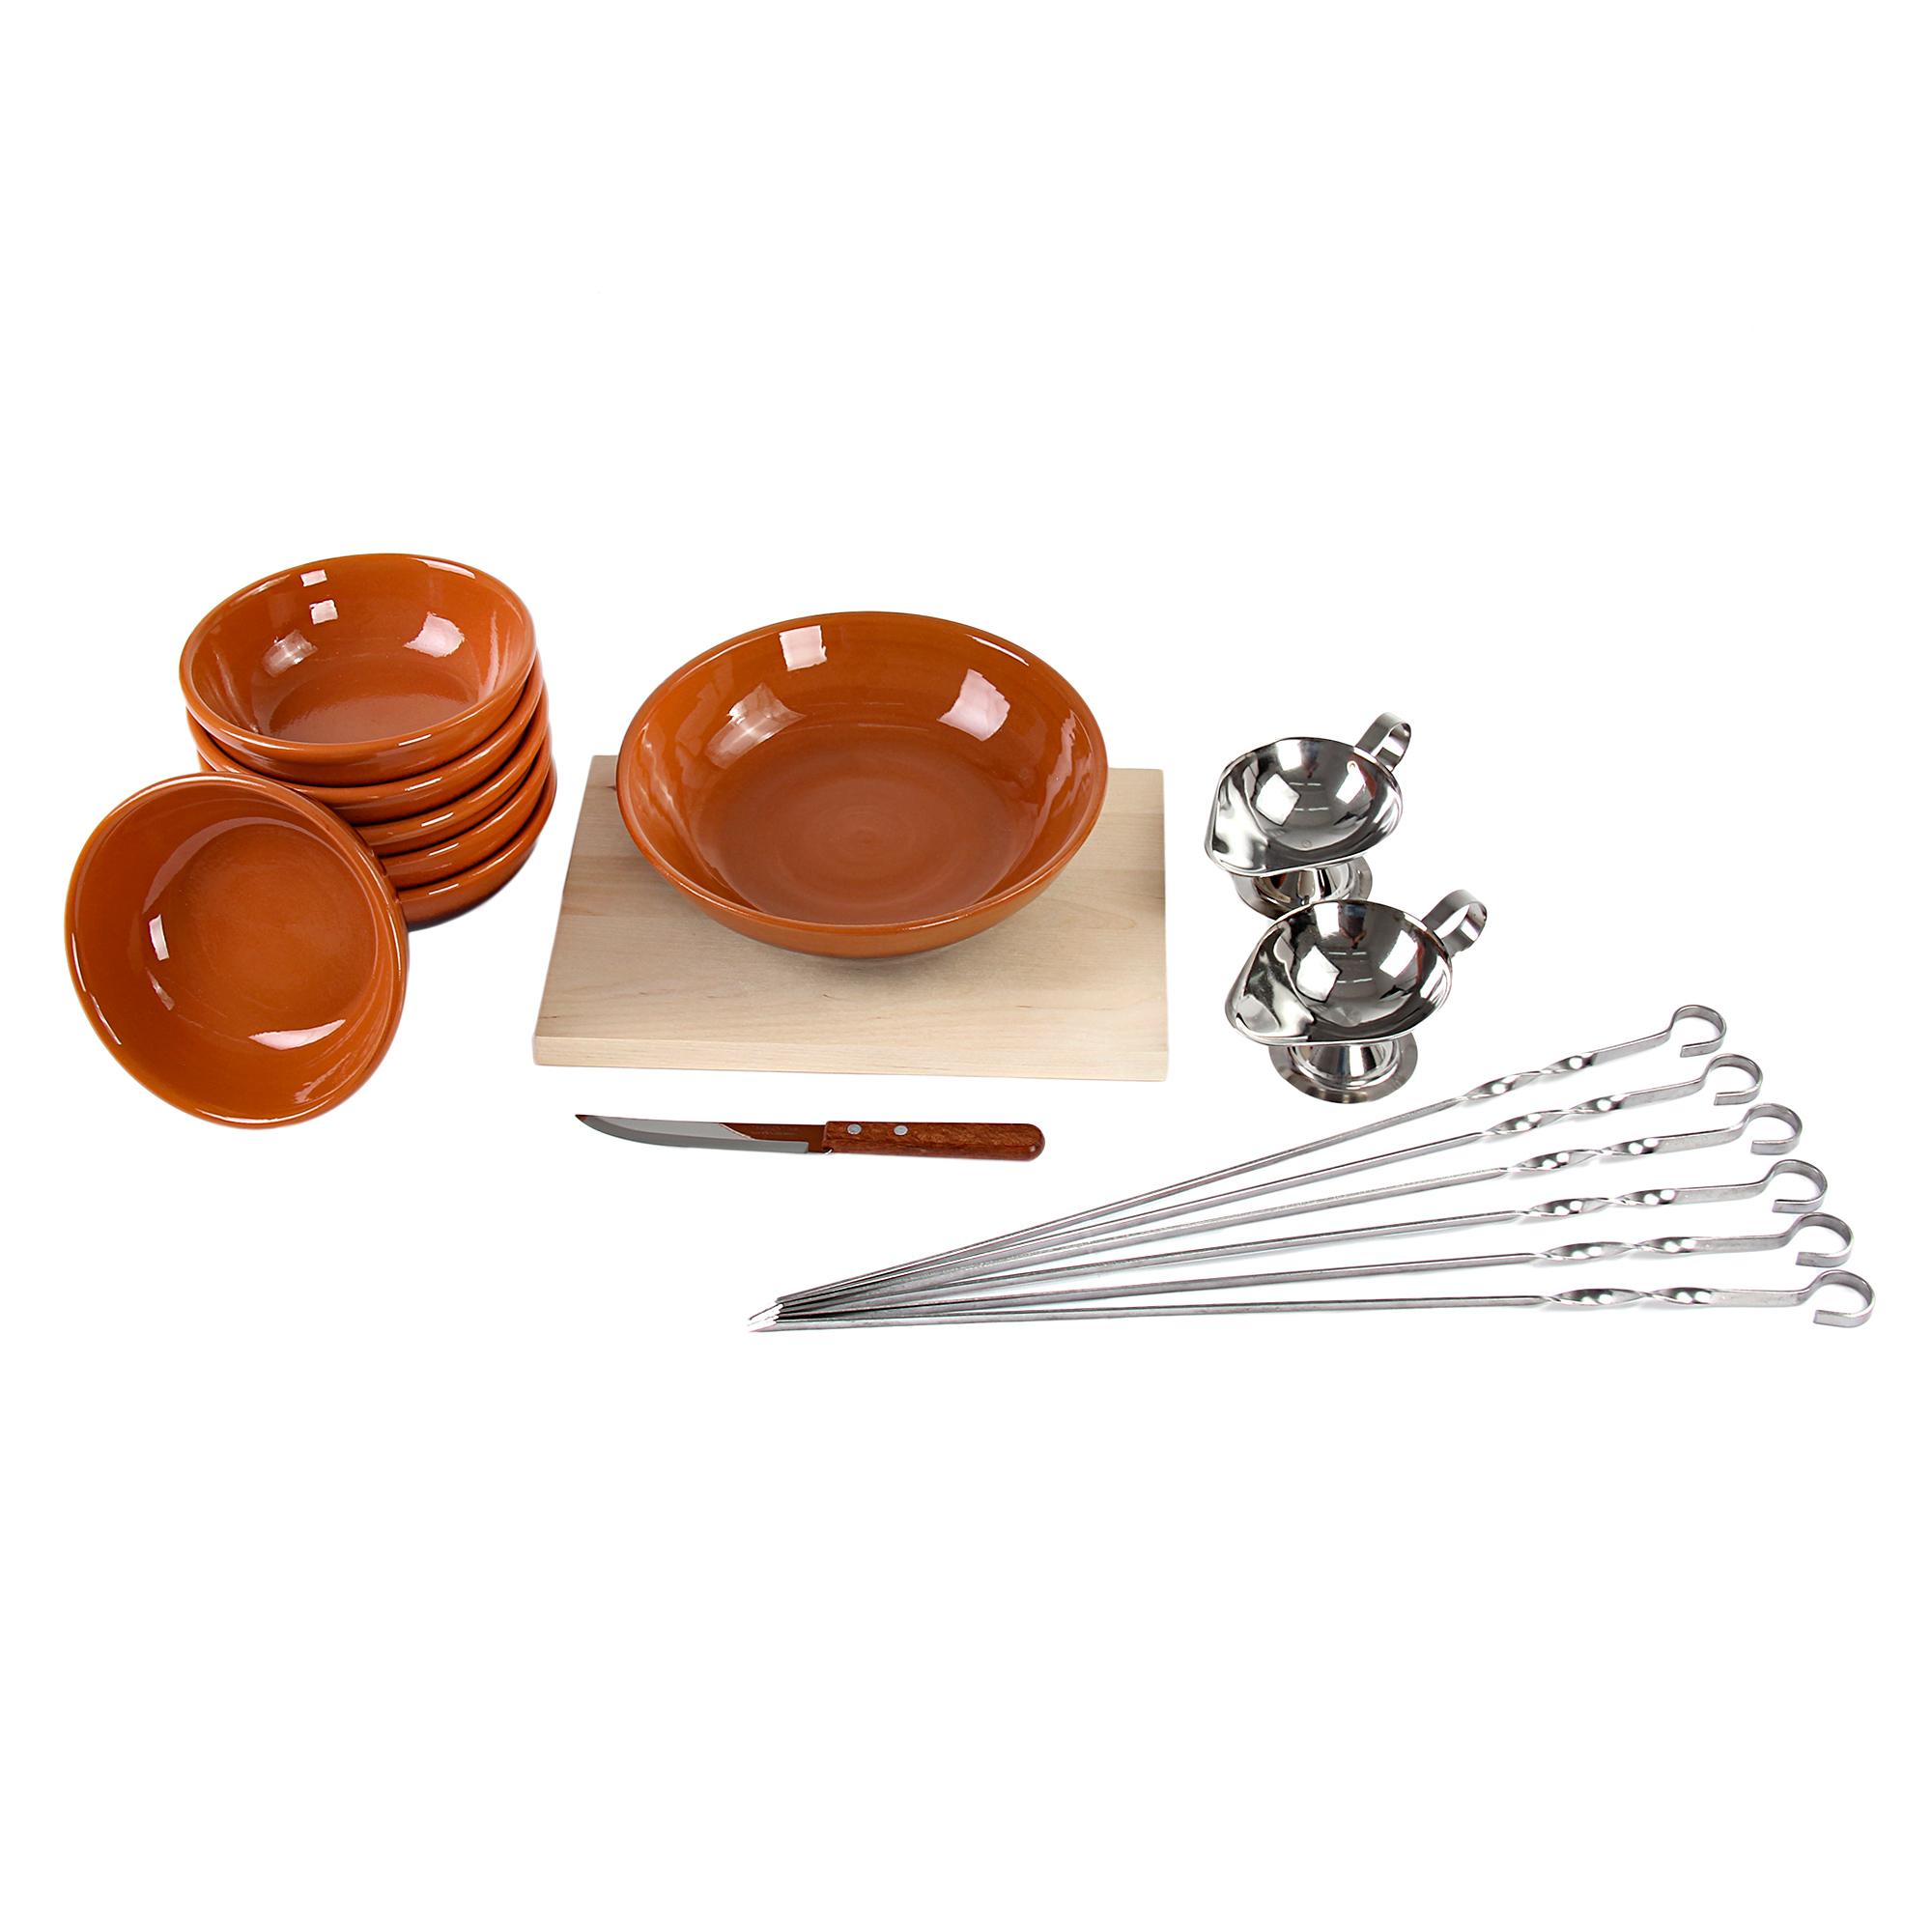 Фото - Набор салатников пикник-5 Вятская керамика набор керамических горшков 3 предмета вятская керамика нбр вк 1 3